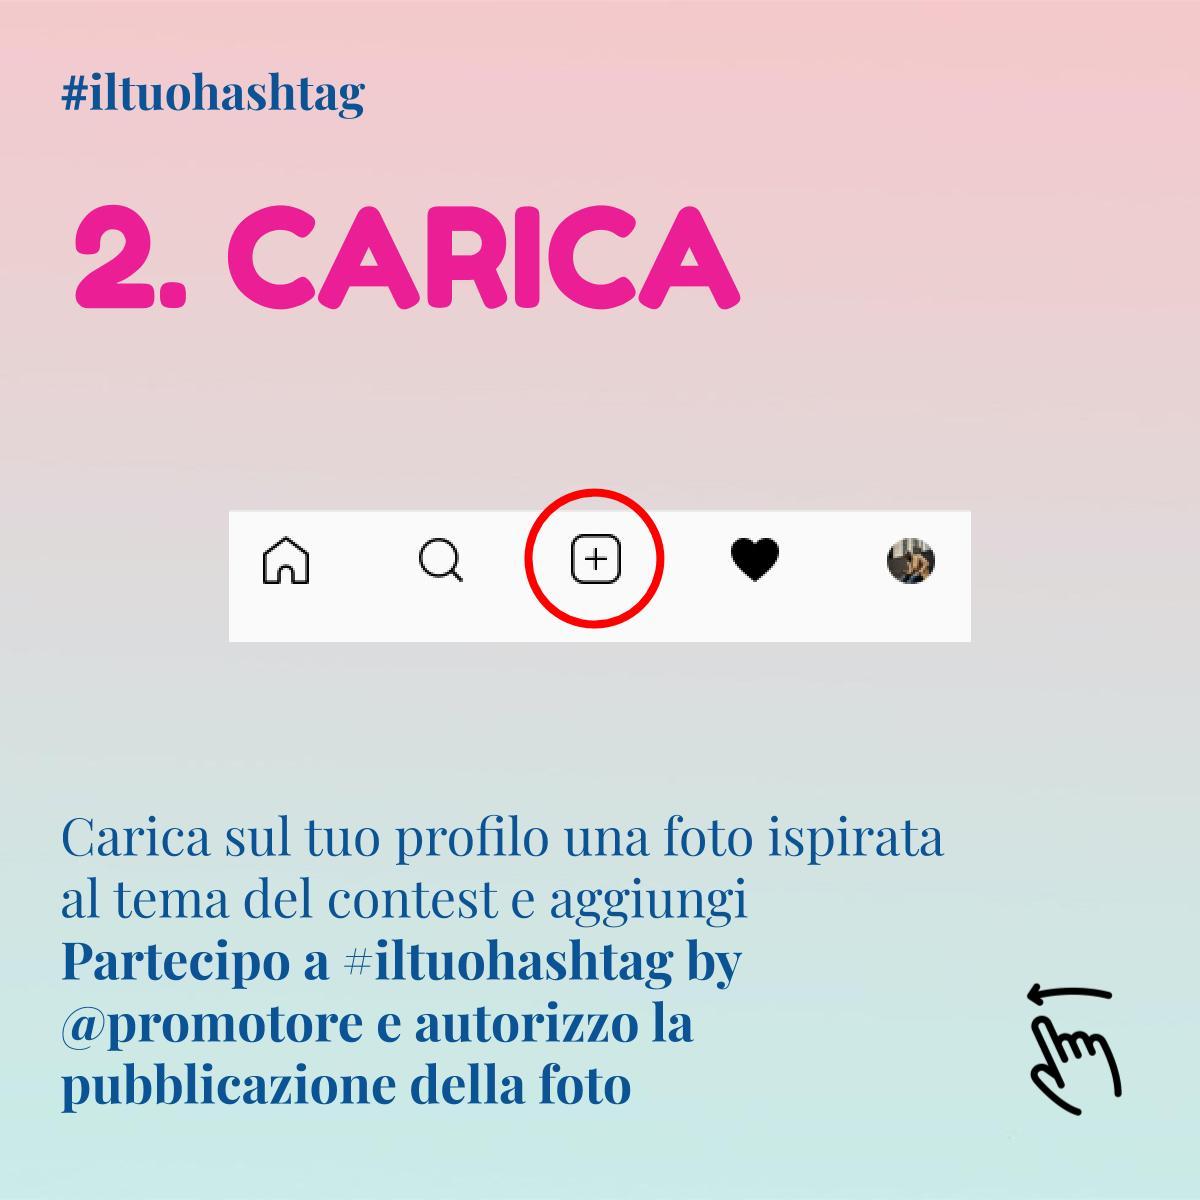 come promuovere un contest instagram 2